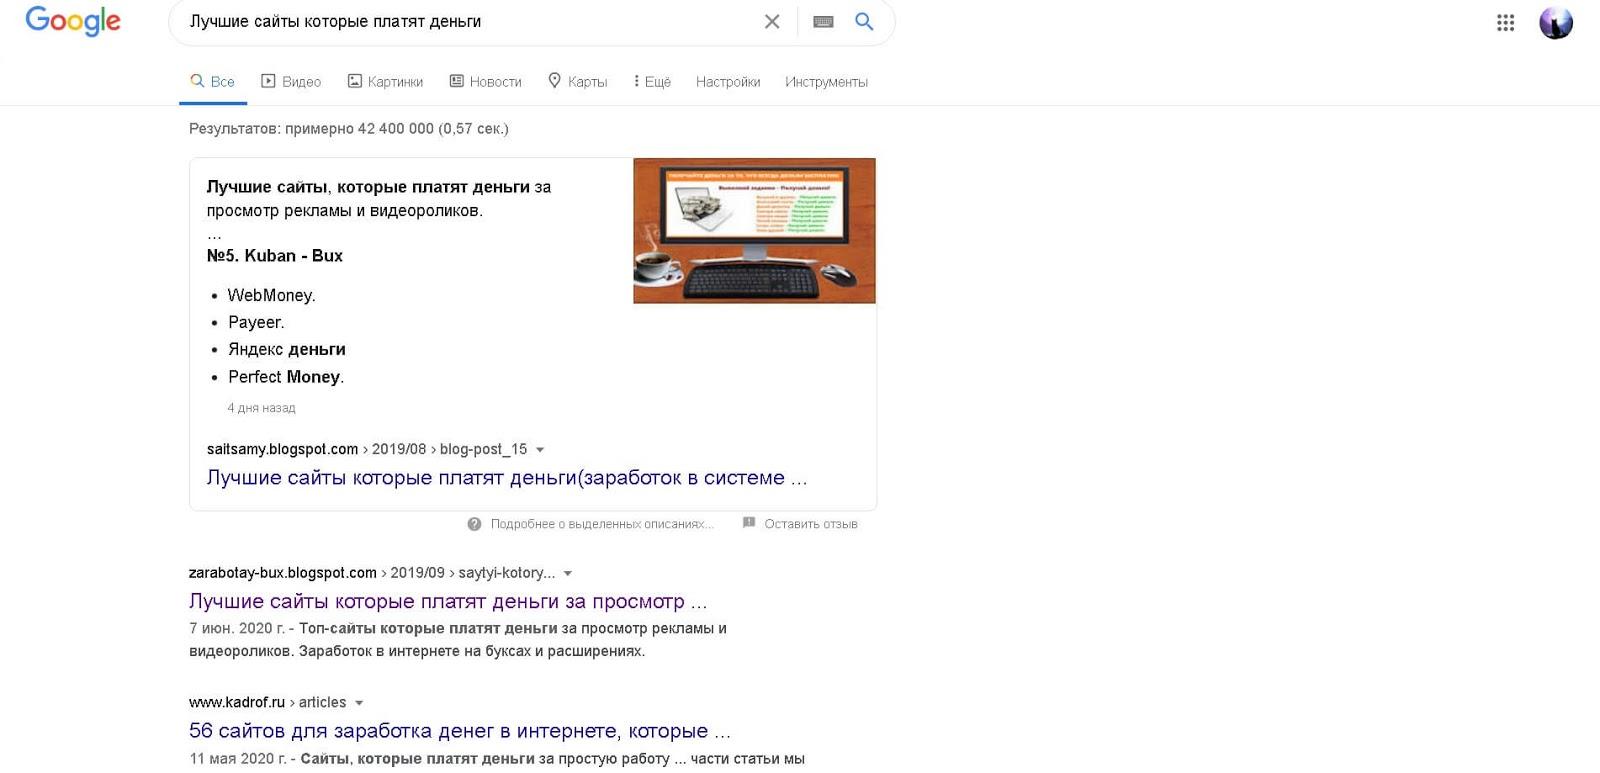 google-featured-snippets-luchshie-sajty-kotorye-platyat-dengi